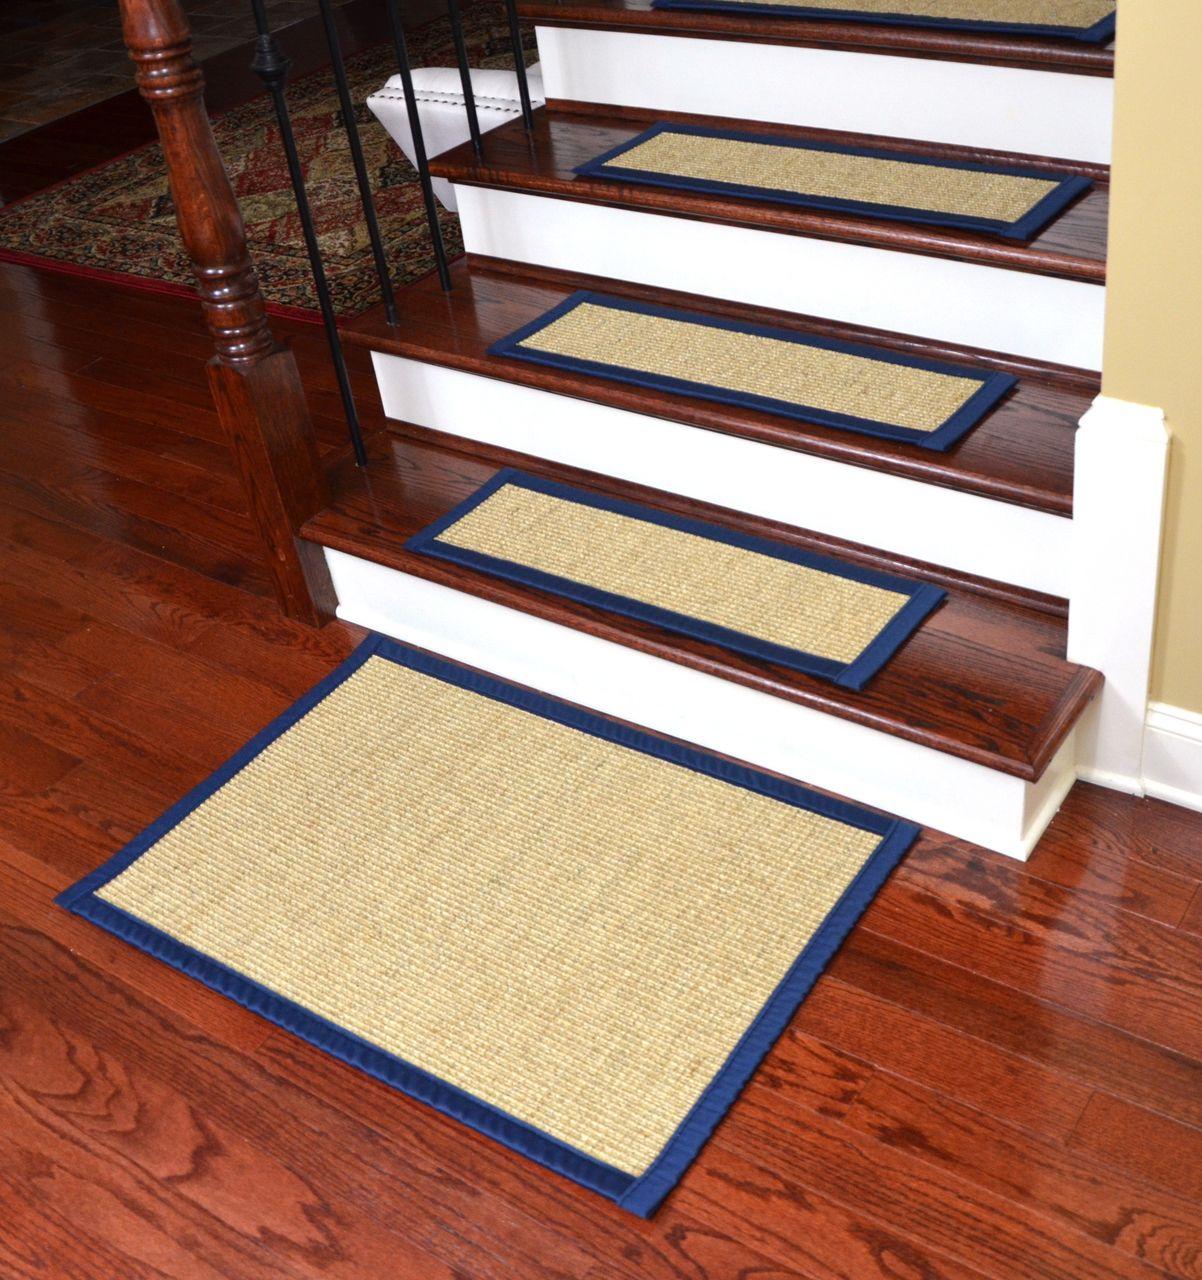 Dean Desert/Navy Blue Non Slip Tape Free Pet Friendly Stair Gripper Natural  Fiber Sisal Carpet Stair Treads   Set Of 15 Plus A Matching X Landing Mat    Dean ...